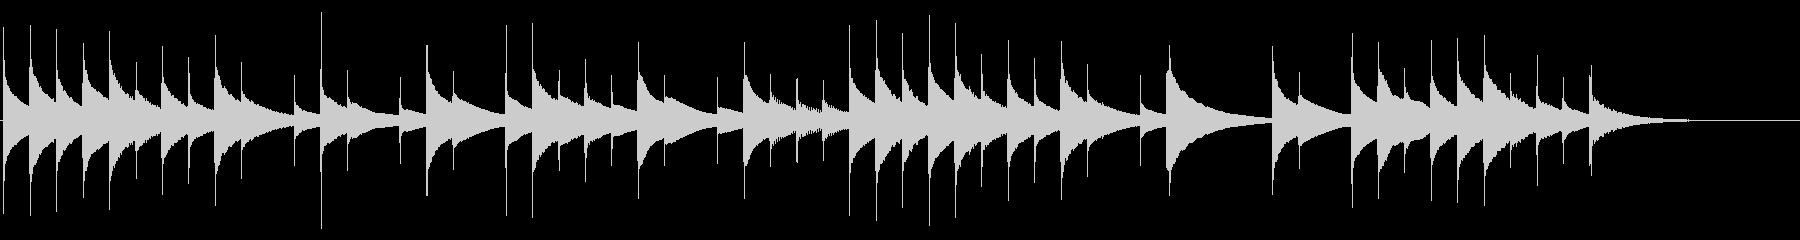 ショートver オルゴール おやすみの未再生の波形